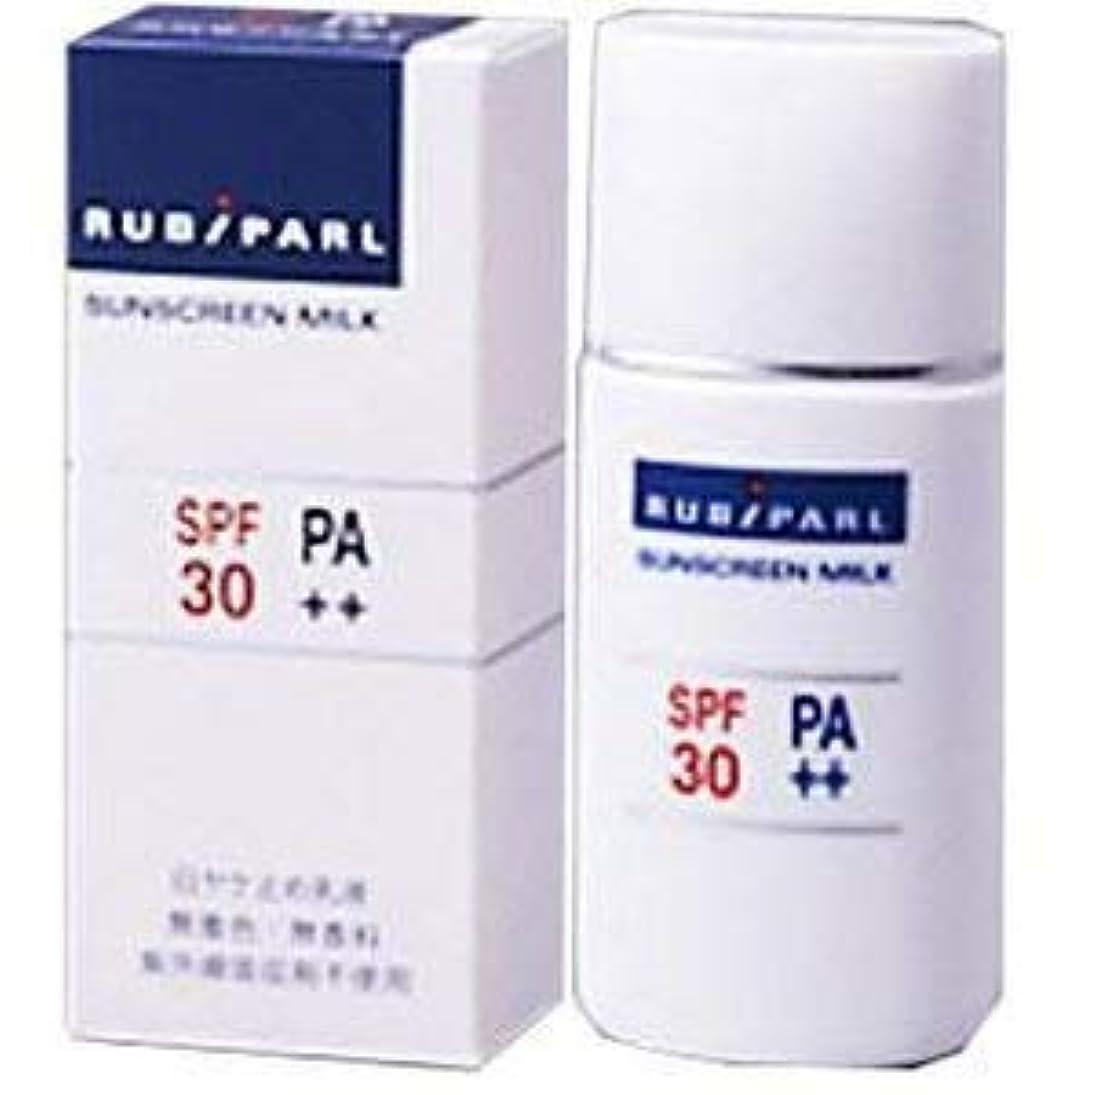 捧げる枯れる泥棒ルビパール サンスクリーンミルク 日ヤケ止め乳液 SPF30 PA++ 30mLx3個セット